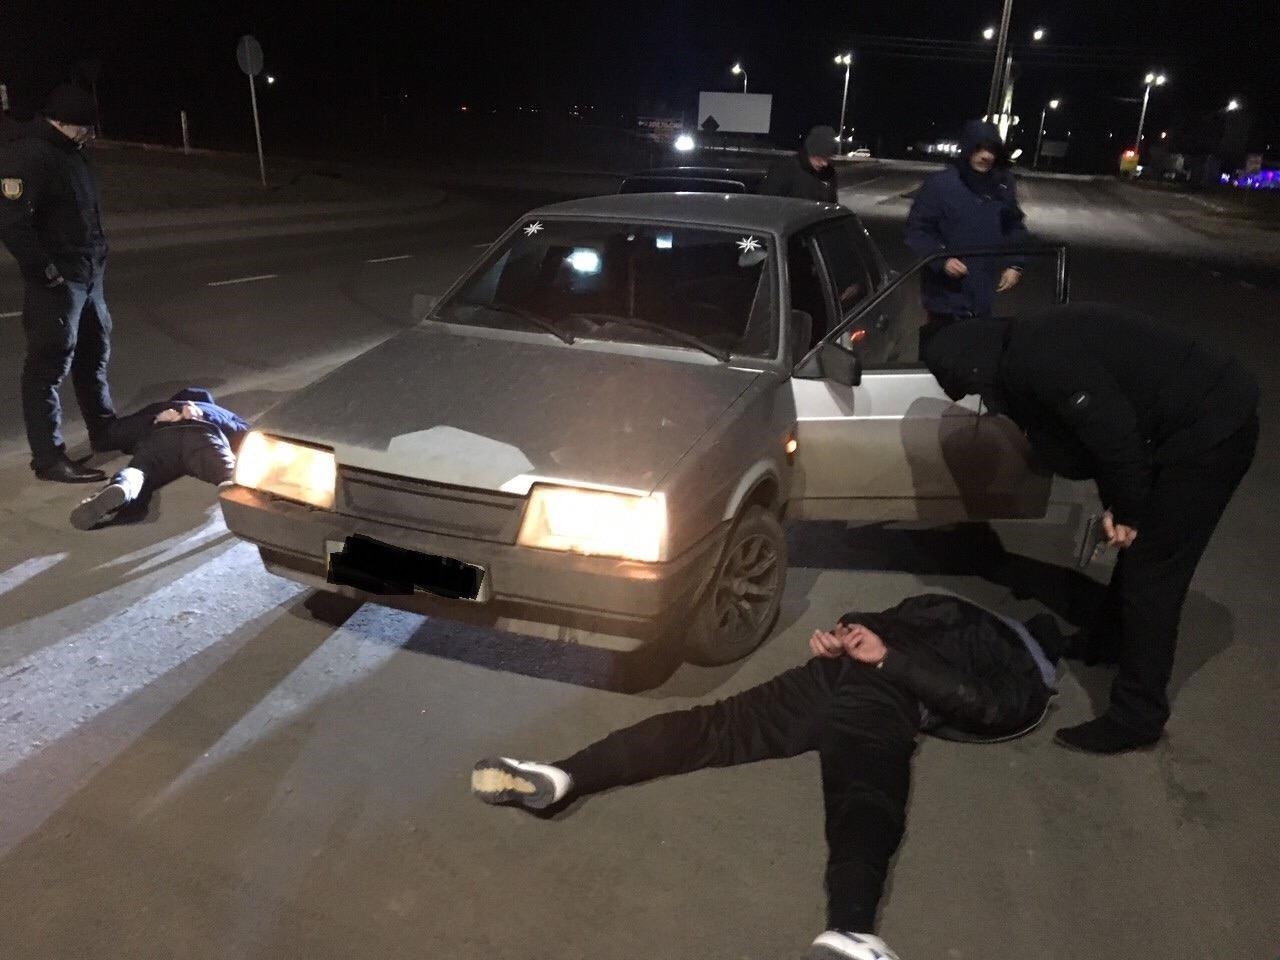 Трое мужчин, которые похитили и избили жителя Одесской области, пойдут под суд, - ФОТО, фото-1, Фото: Прокуратура Одесской области